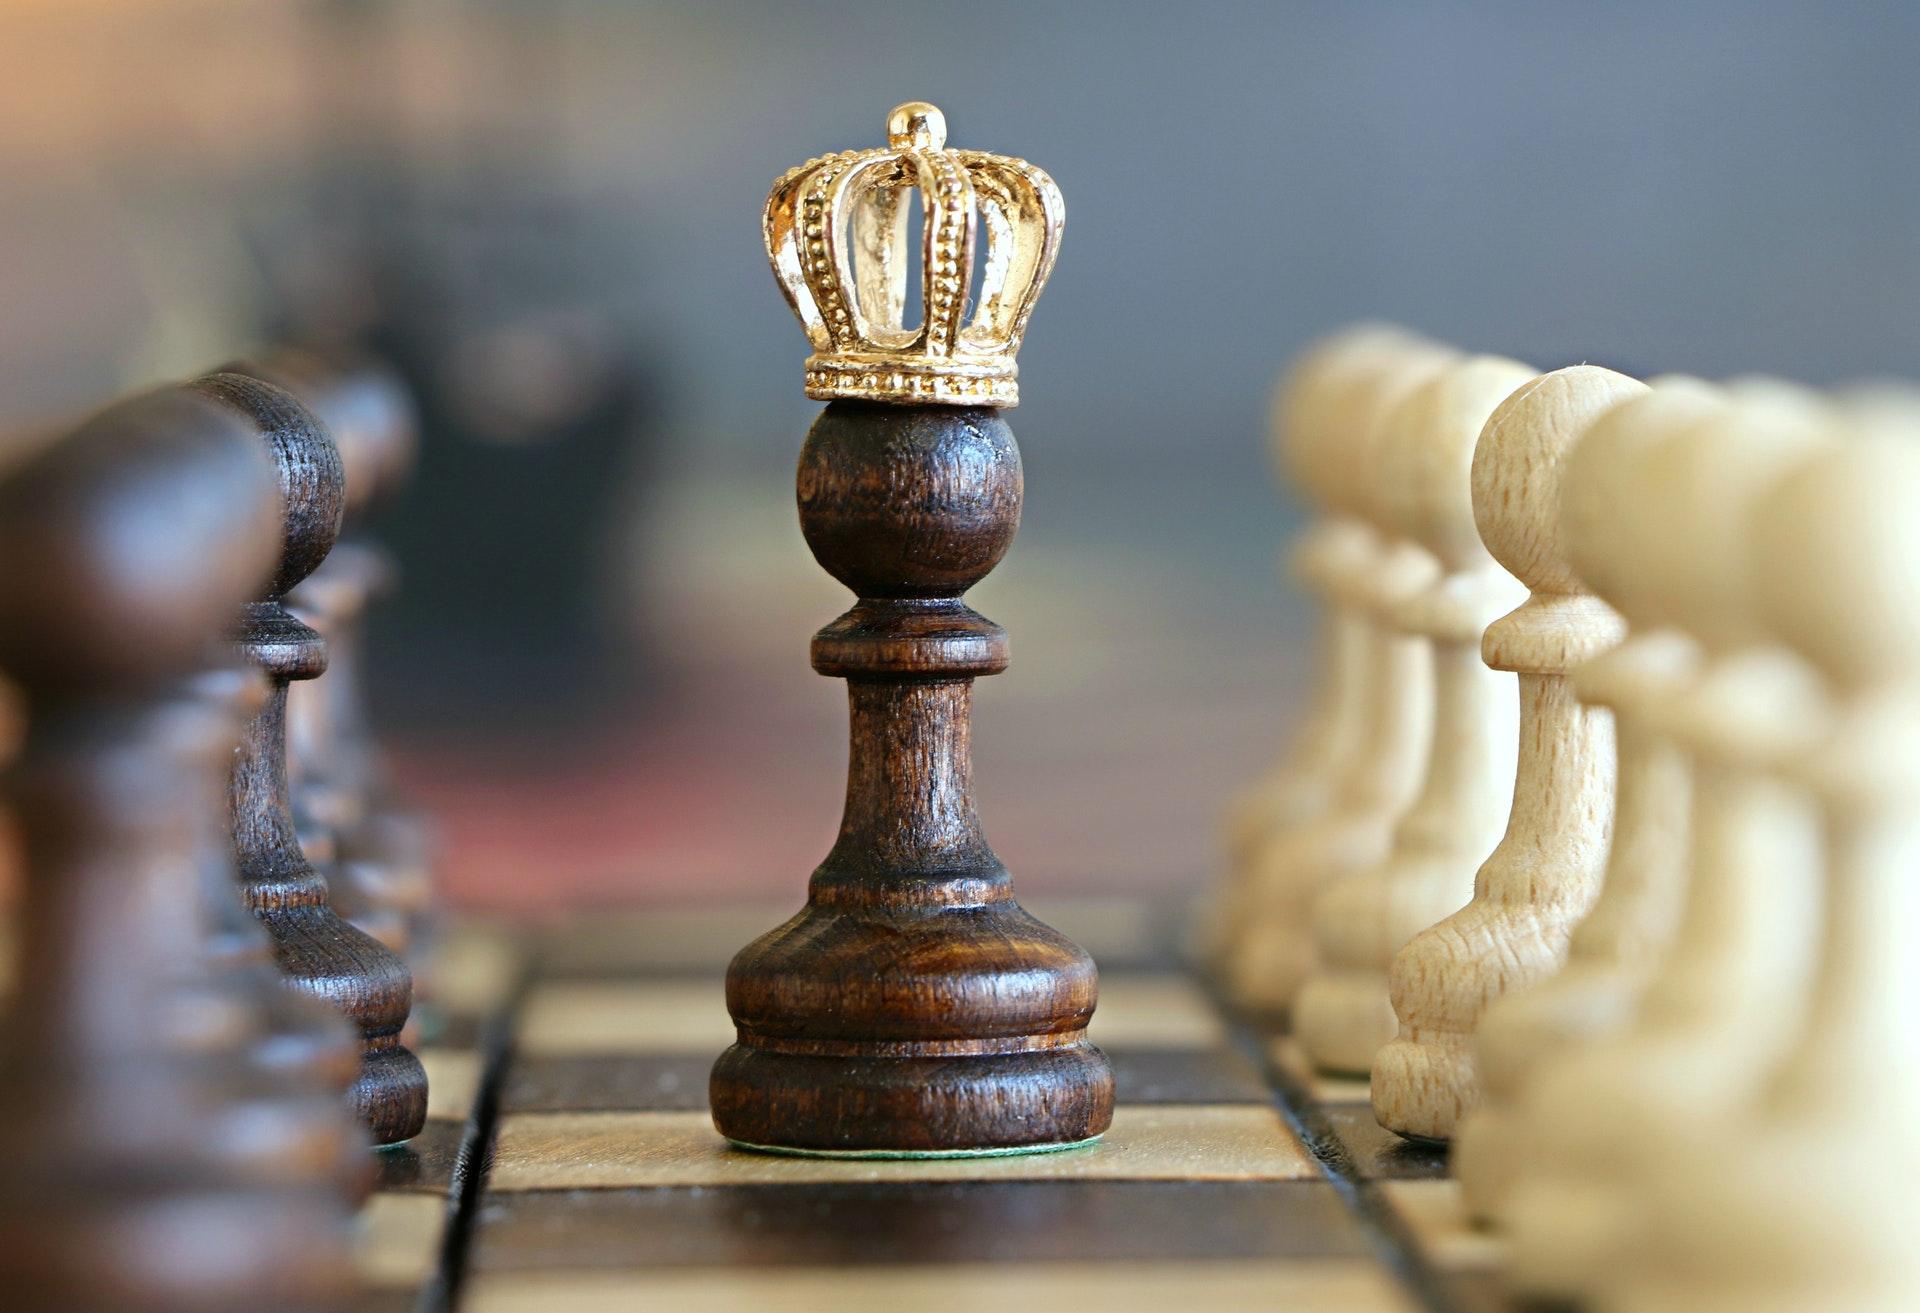 Ķēniņš nāks